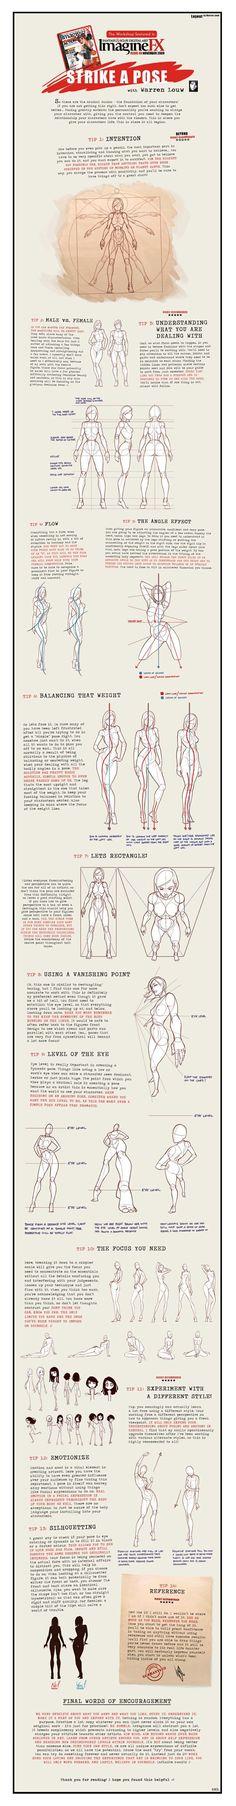 Guías de dibujo: Anatomía y movimientos del cuerpo tutoriales tips recursos 1